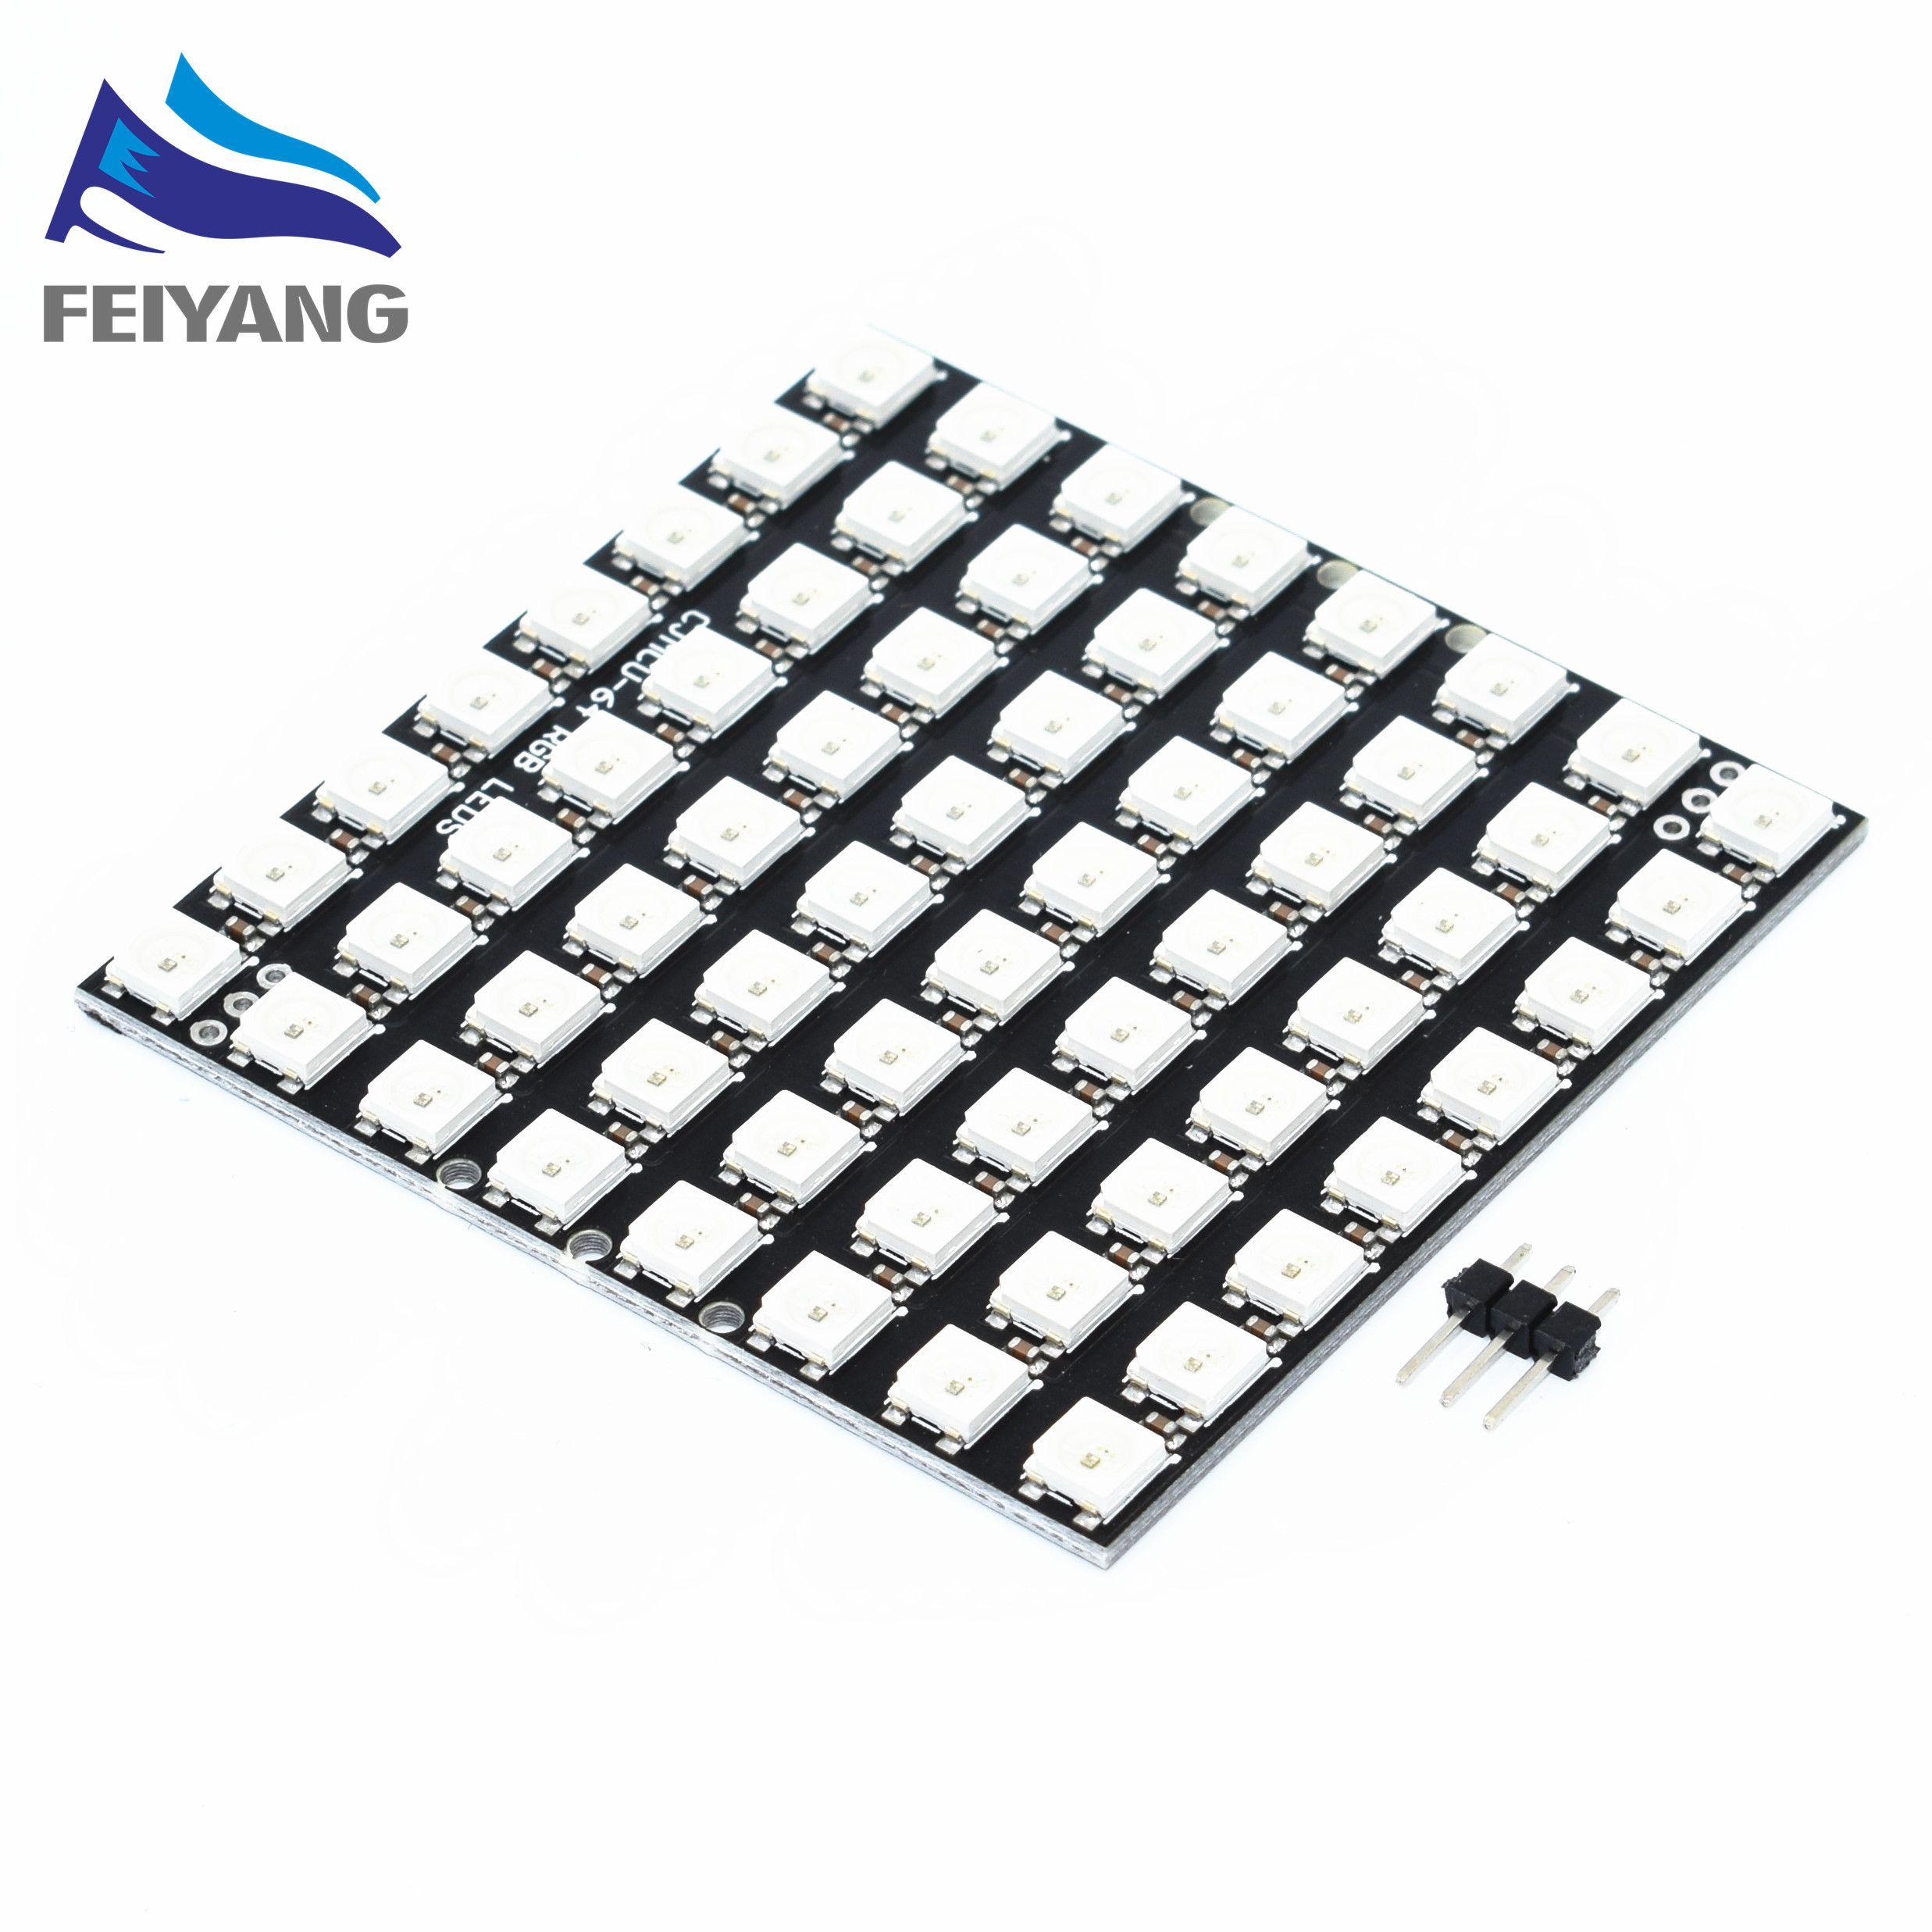 5pcs WS2812 LED 5050 RGB 8x8 64 LED Matrix